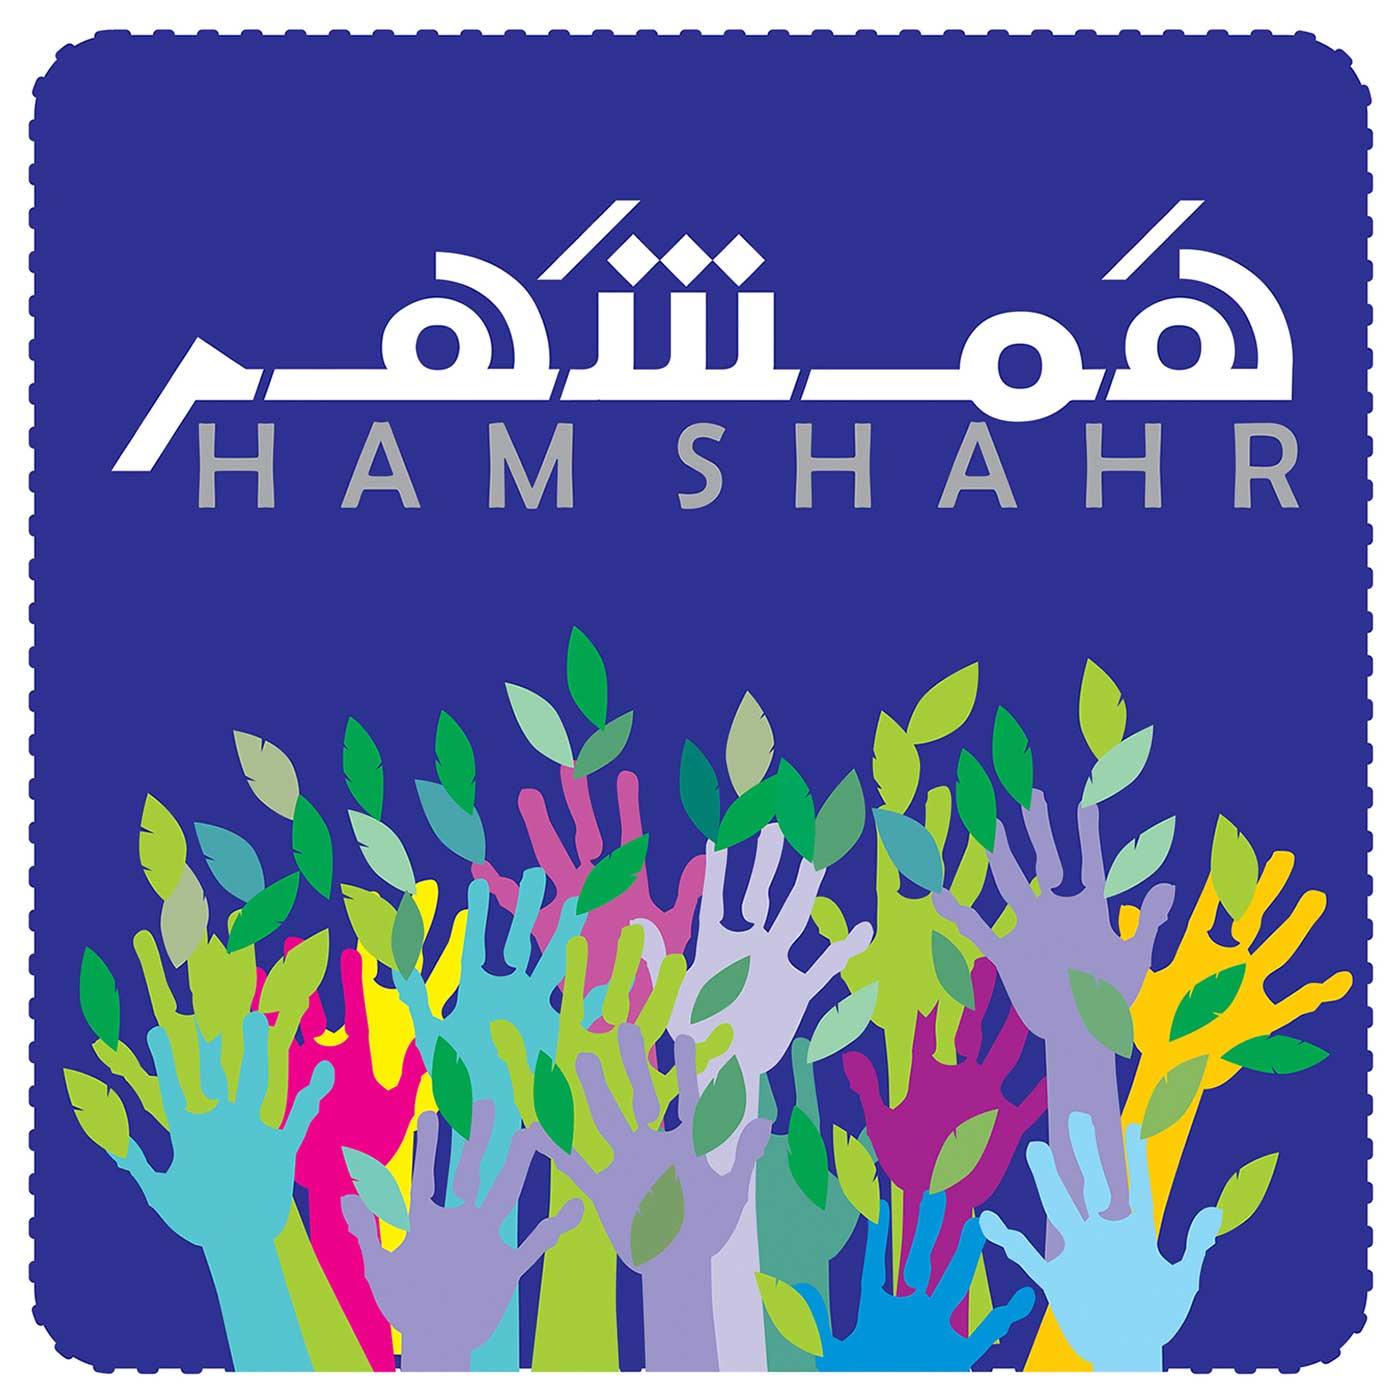 hamshahr